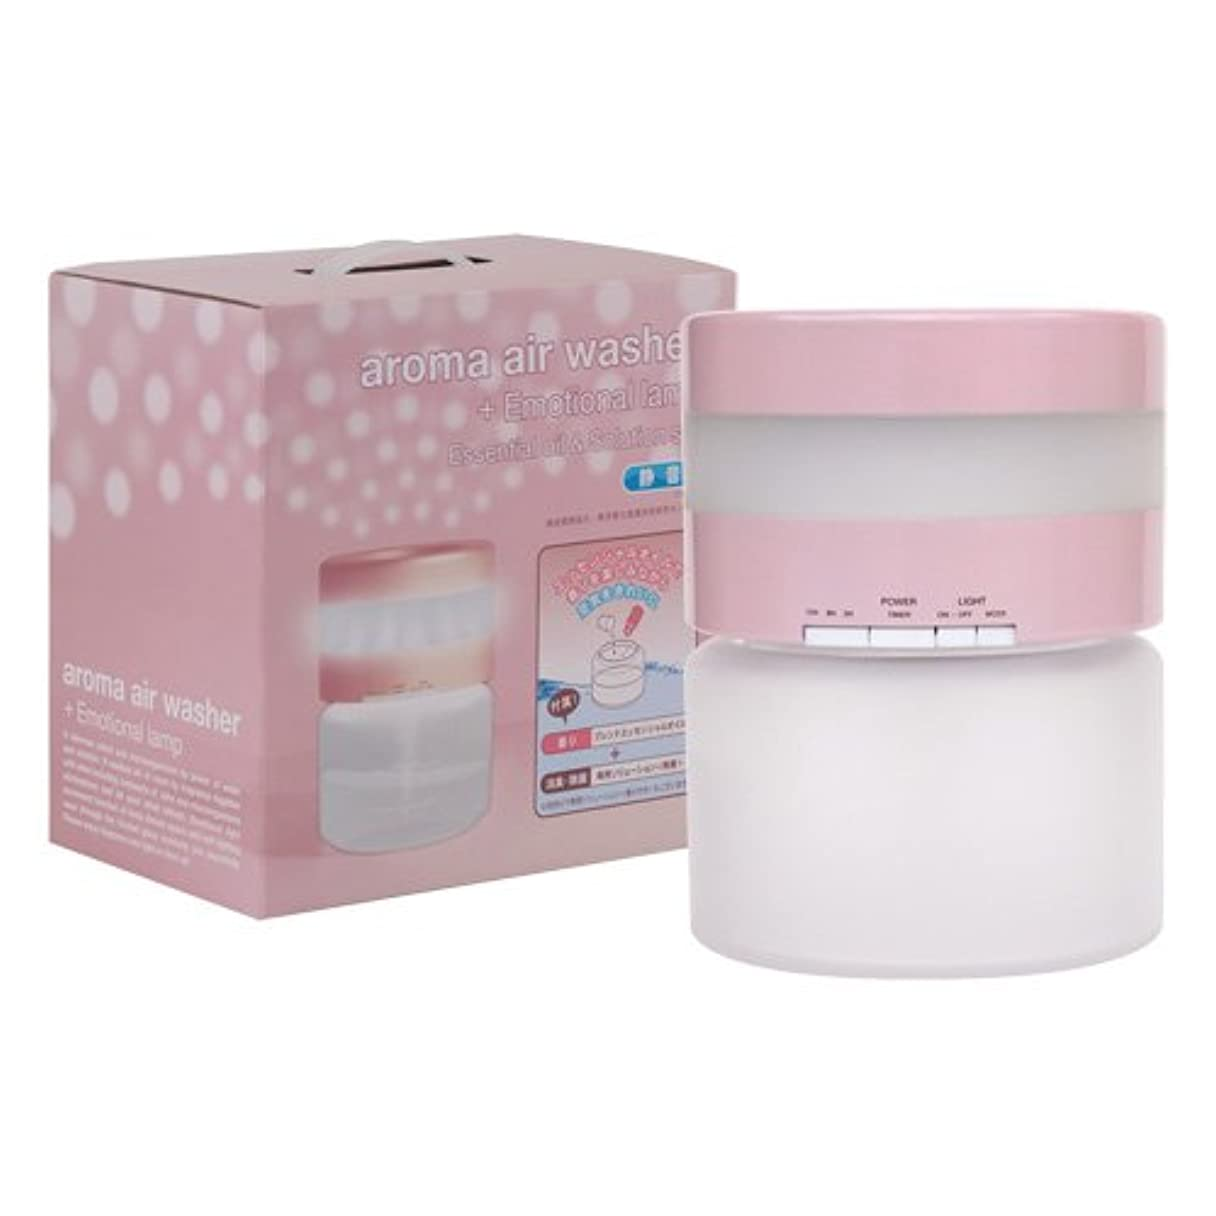 喜び適度なシャーク空気洗浄器 アロマエアウォッシャー + エモーショナルランプ ピンク